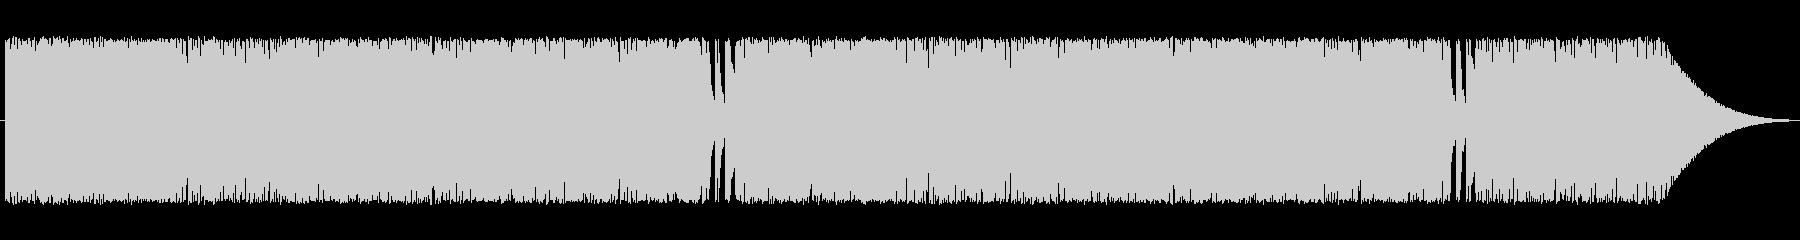 ハイスピードピアノ(暗め)の未再生の波形